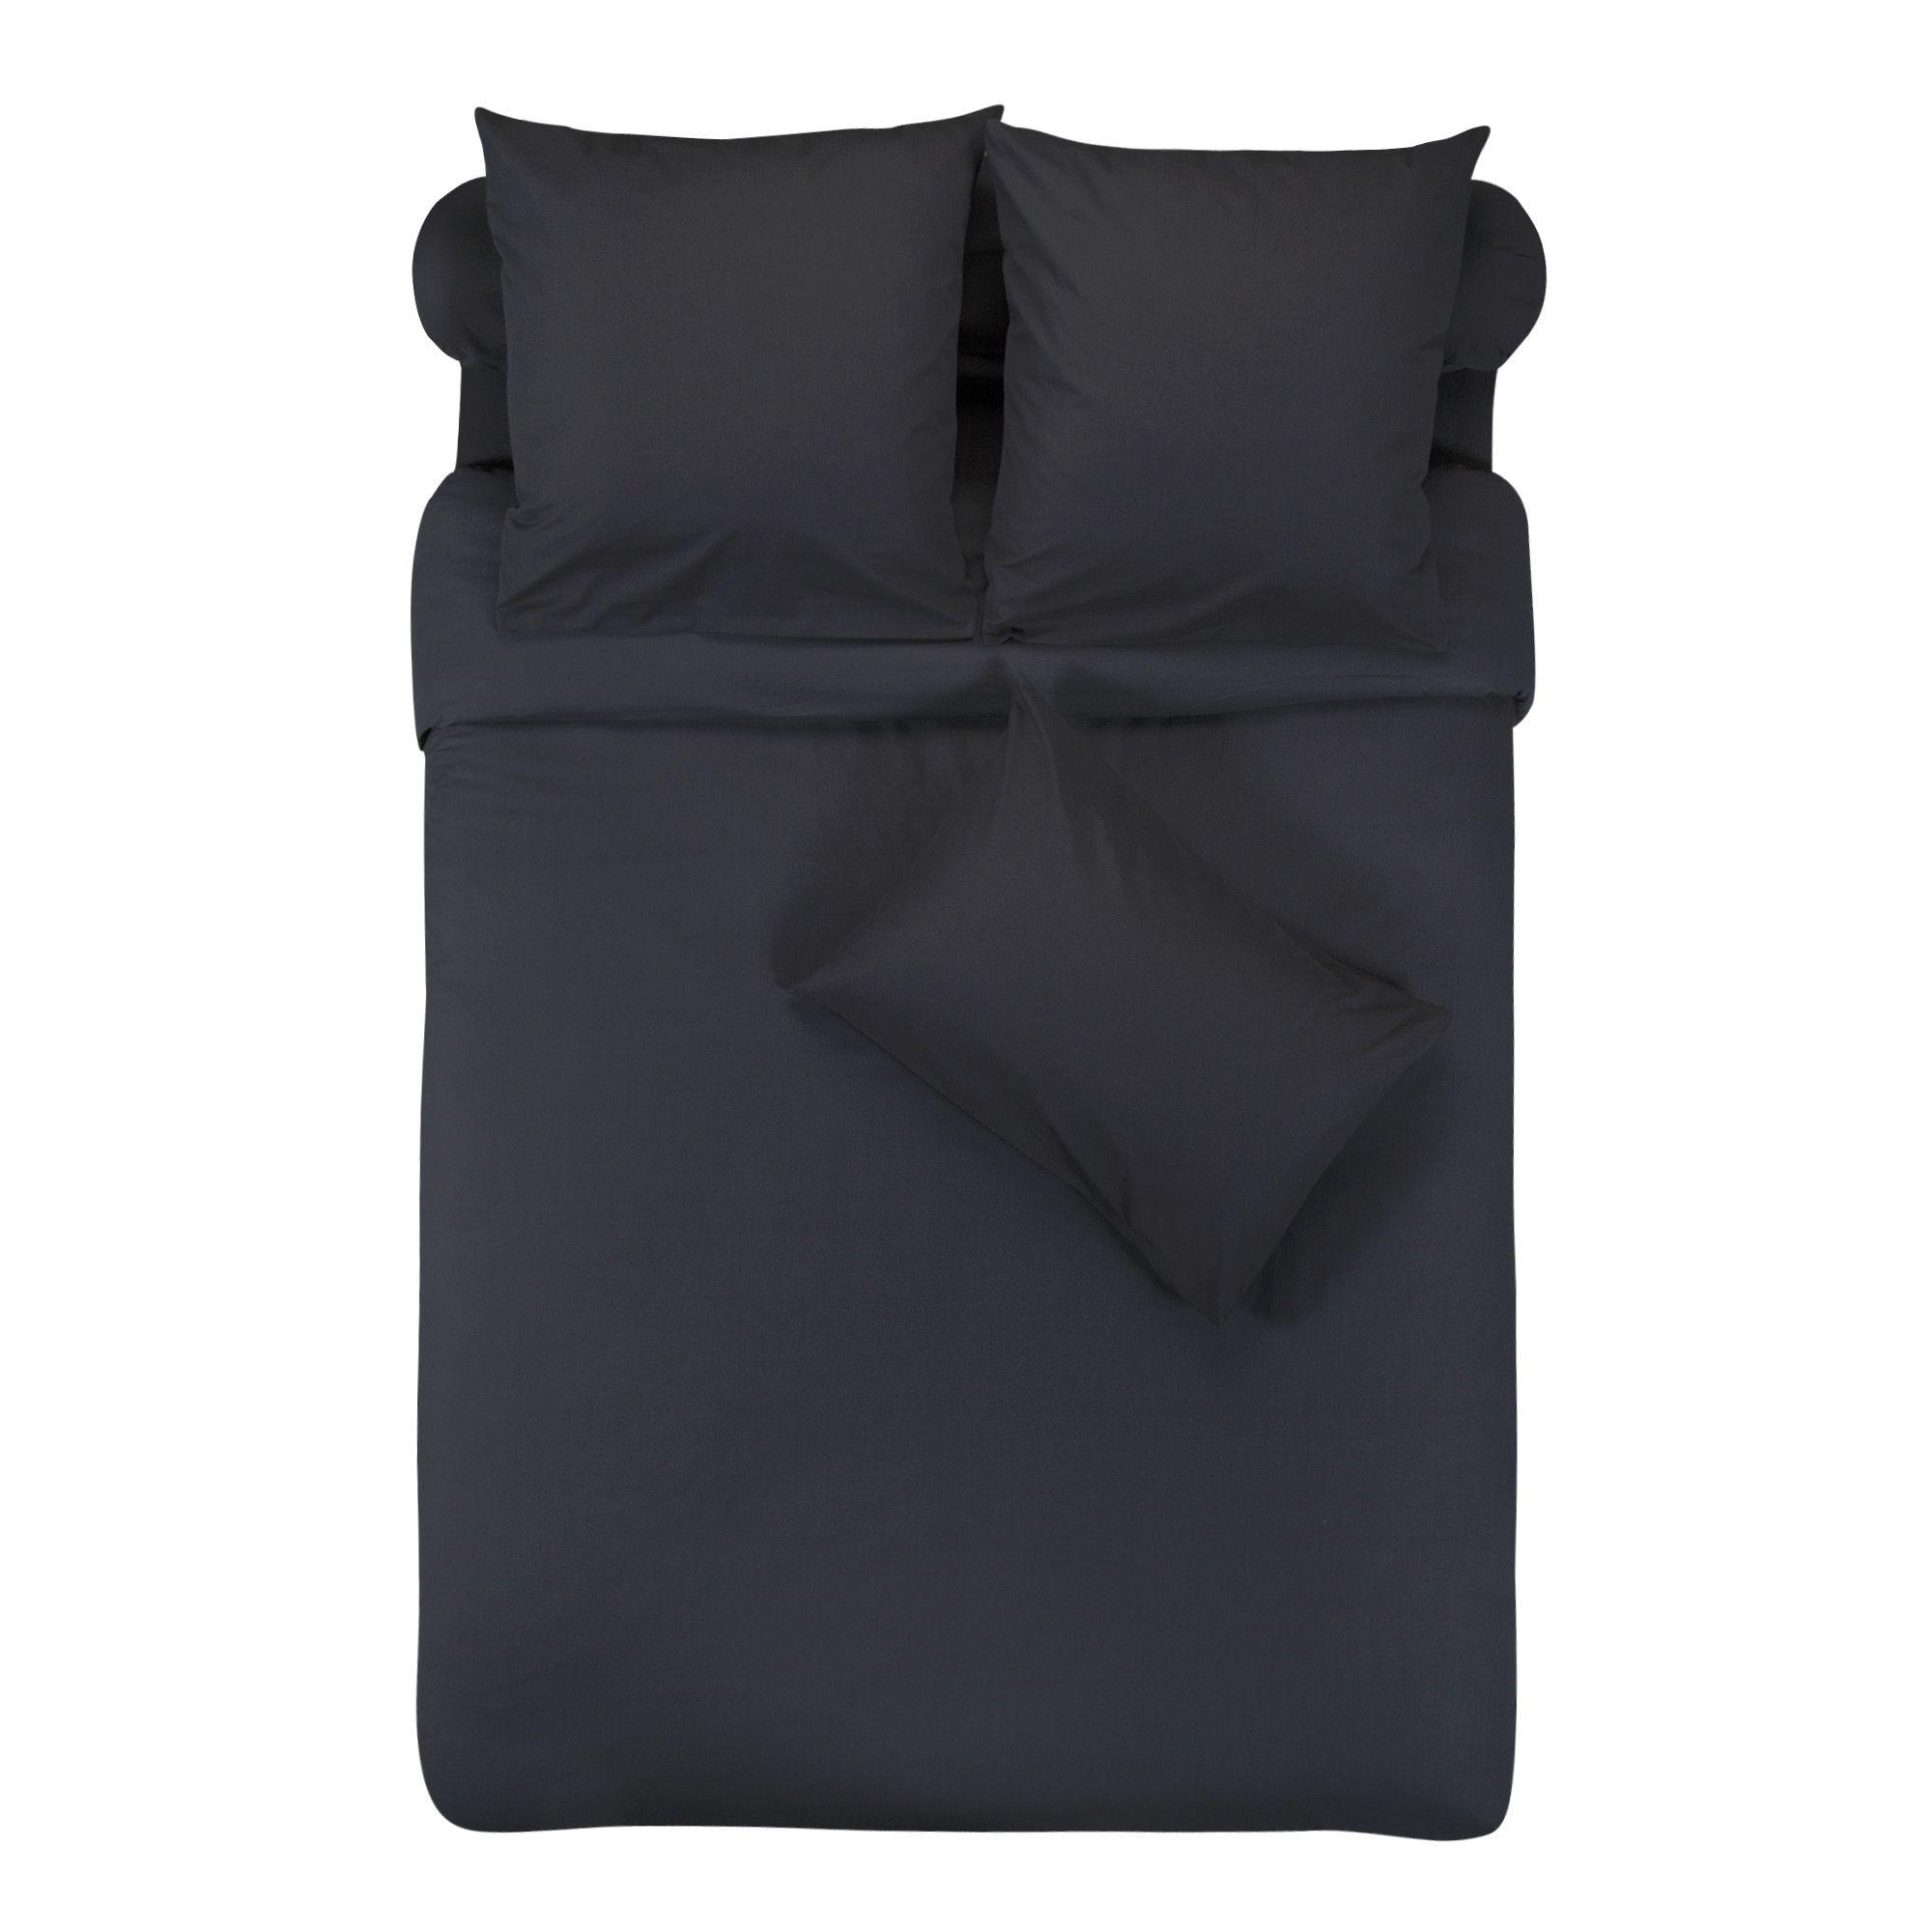 alin a vitamine housse de couette pour lit 2 personnes anthracite 220cm x 240 cm pas cher. Black Bedroom Furniture Sets. Home Design Ideas